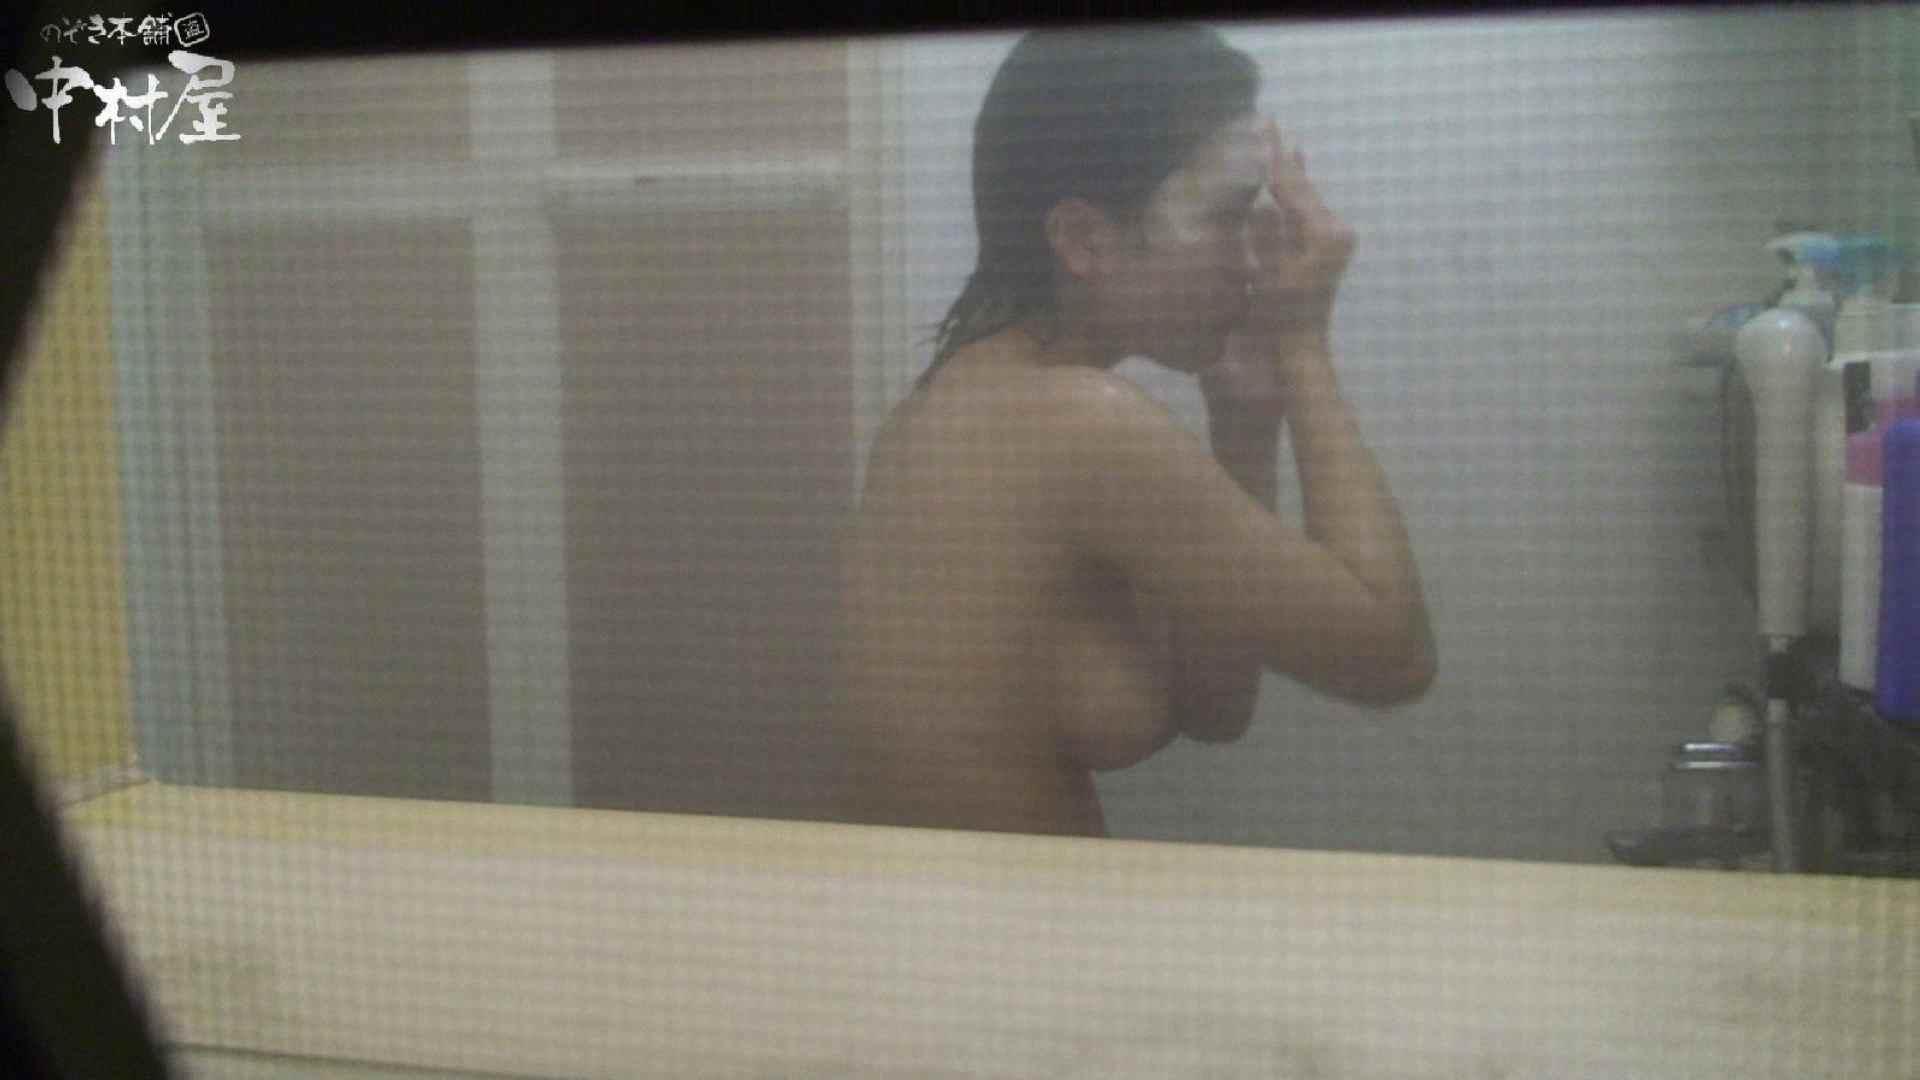 民家風呂専門盗撮師の超危険映像 vol.027 民家 | 美少女ヌード  49pic 36